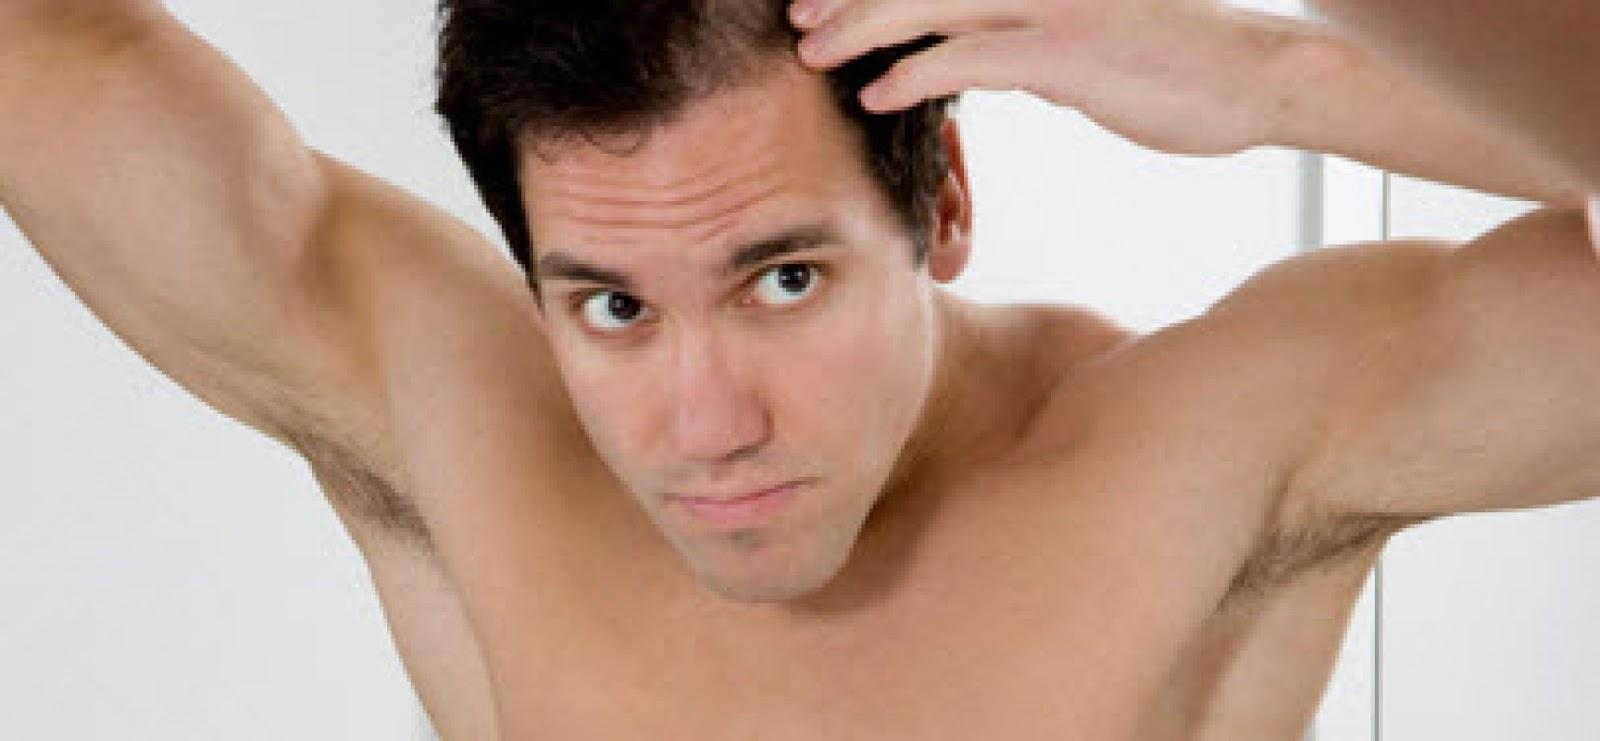 أفضل كريم لإنبات الشعر